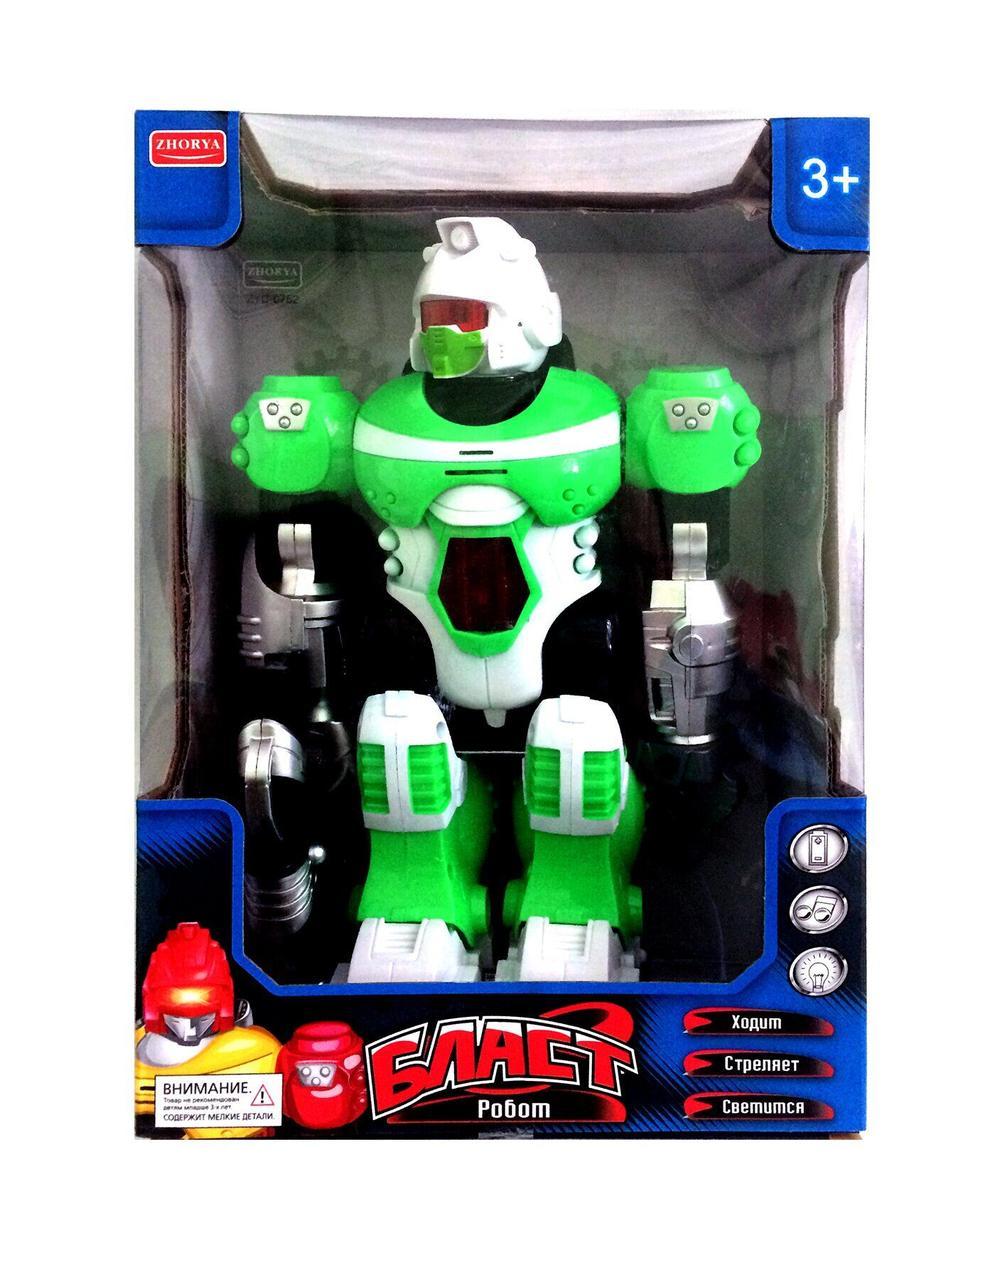 Игрушка робот Бласт зеленый, ZHORYA (ZYC-0752-1/2/3-2)